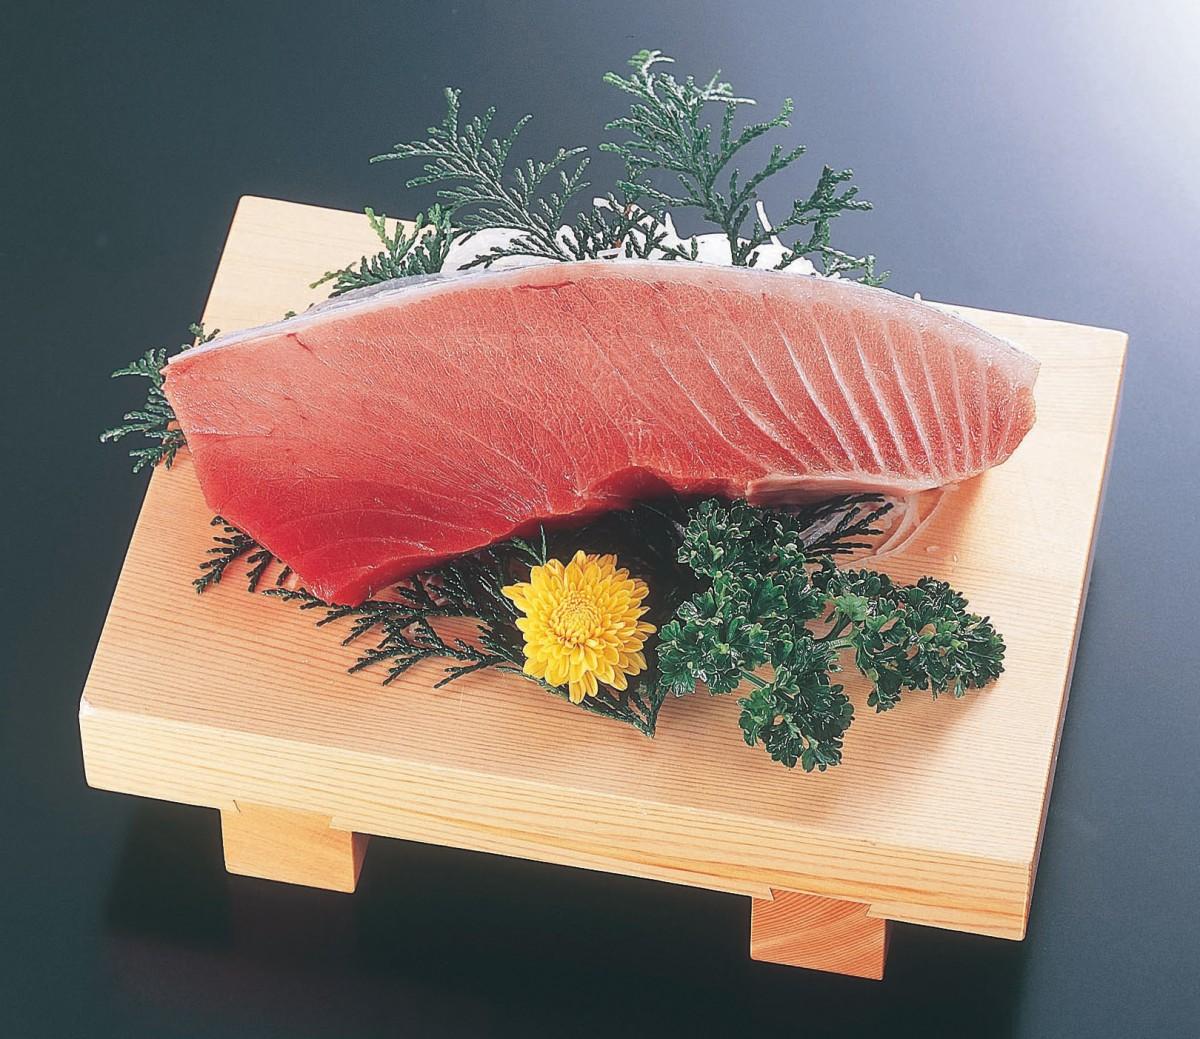 ปลามะกุโระ